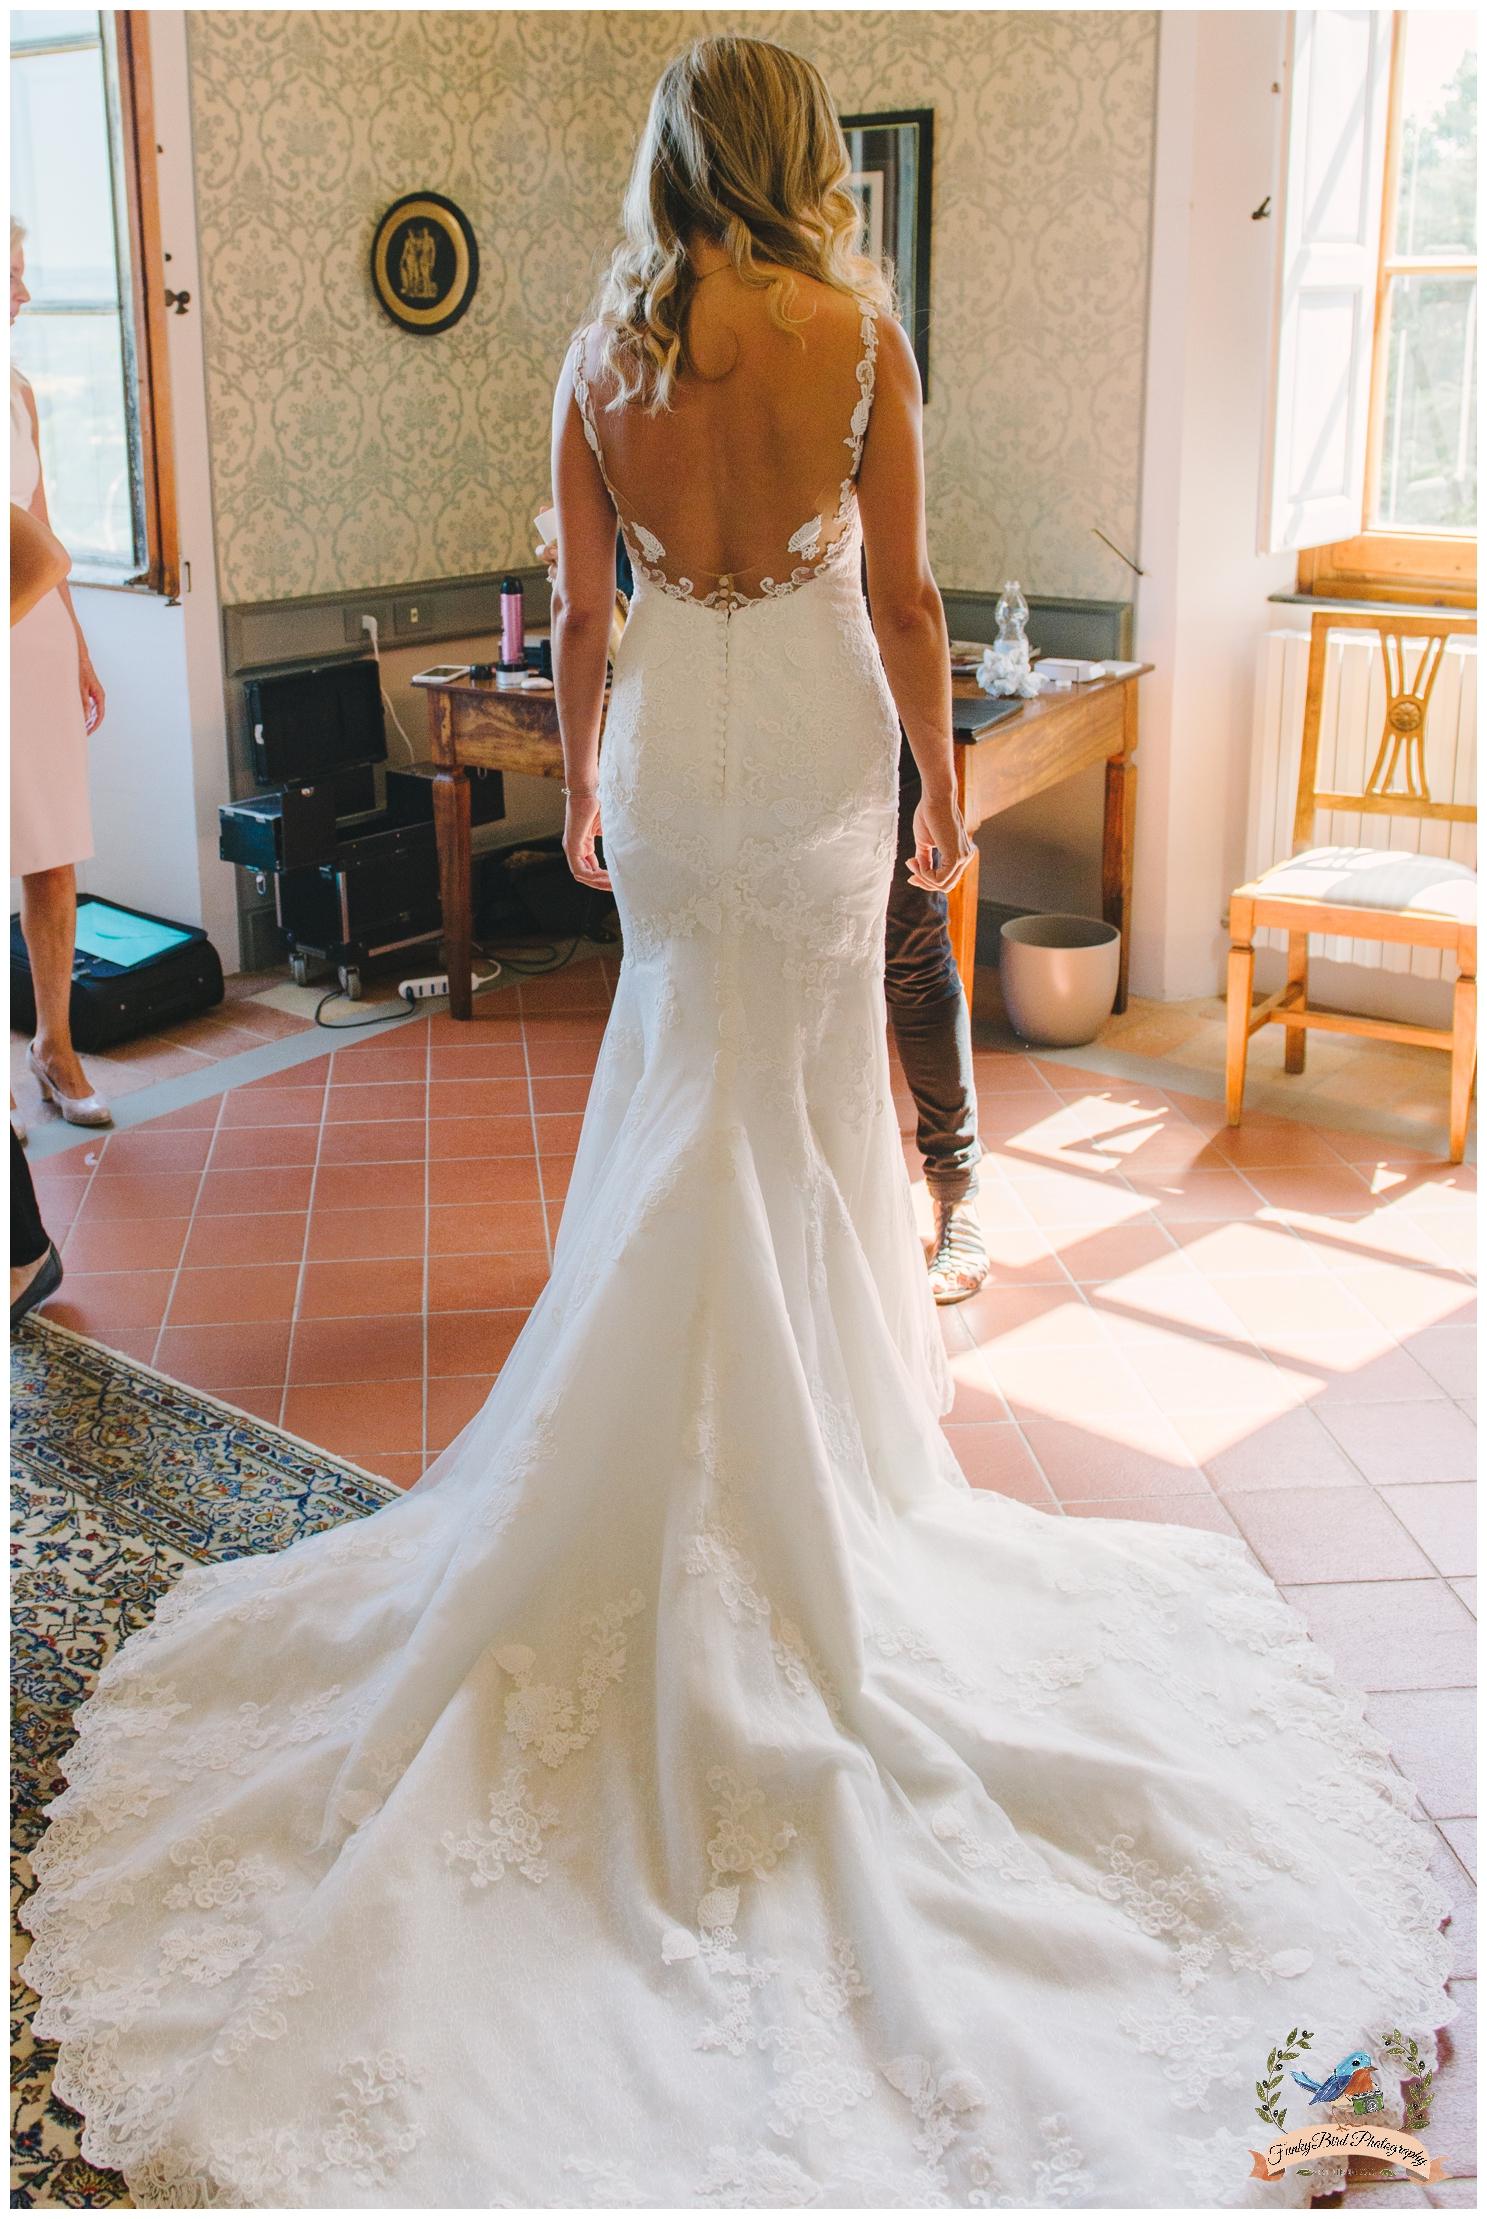 Wedding_Photographer_Tuscany_Florence_Italy_13.jpg